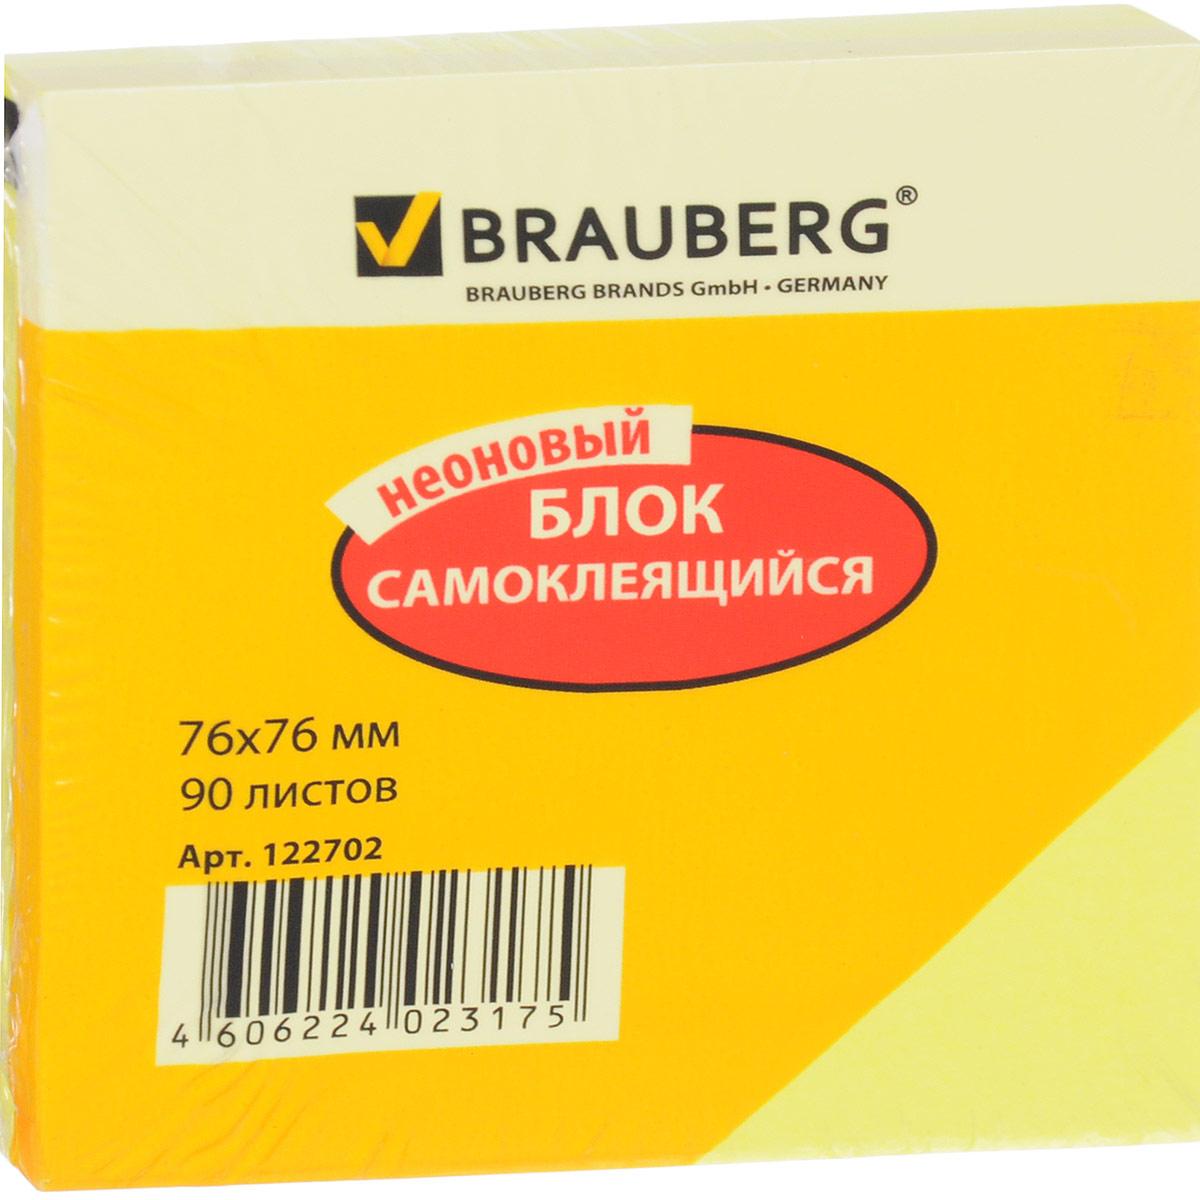 Brauberg Блок неоновый самоклеящийся цвет желтый 76 х 76 мм 90 листов122858Яркие самоклеящиеся листочки привлекают к себе внимание и удобны для заметок, объявлений и других коротких сообщений. Легко крепятся к любой поверхности, не оставляют следов после отклеивания.